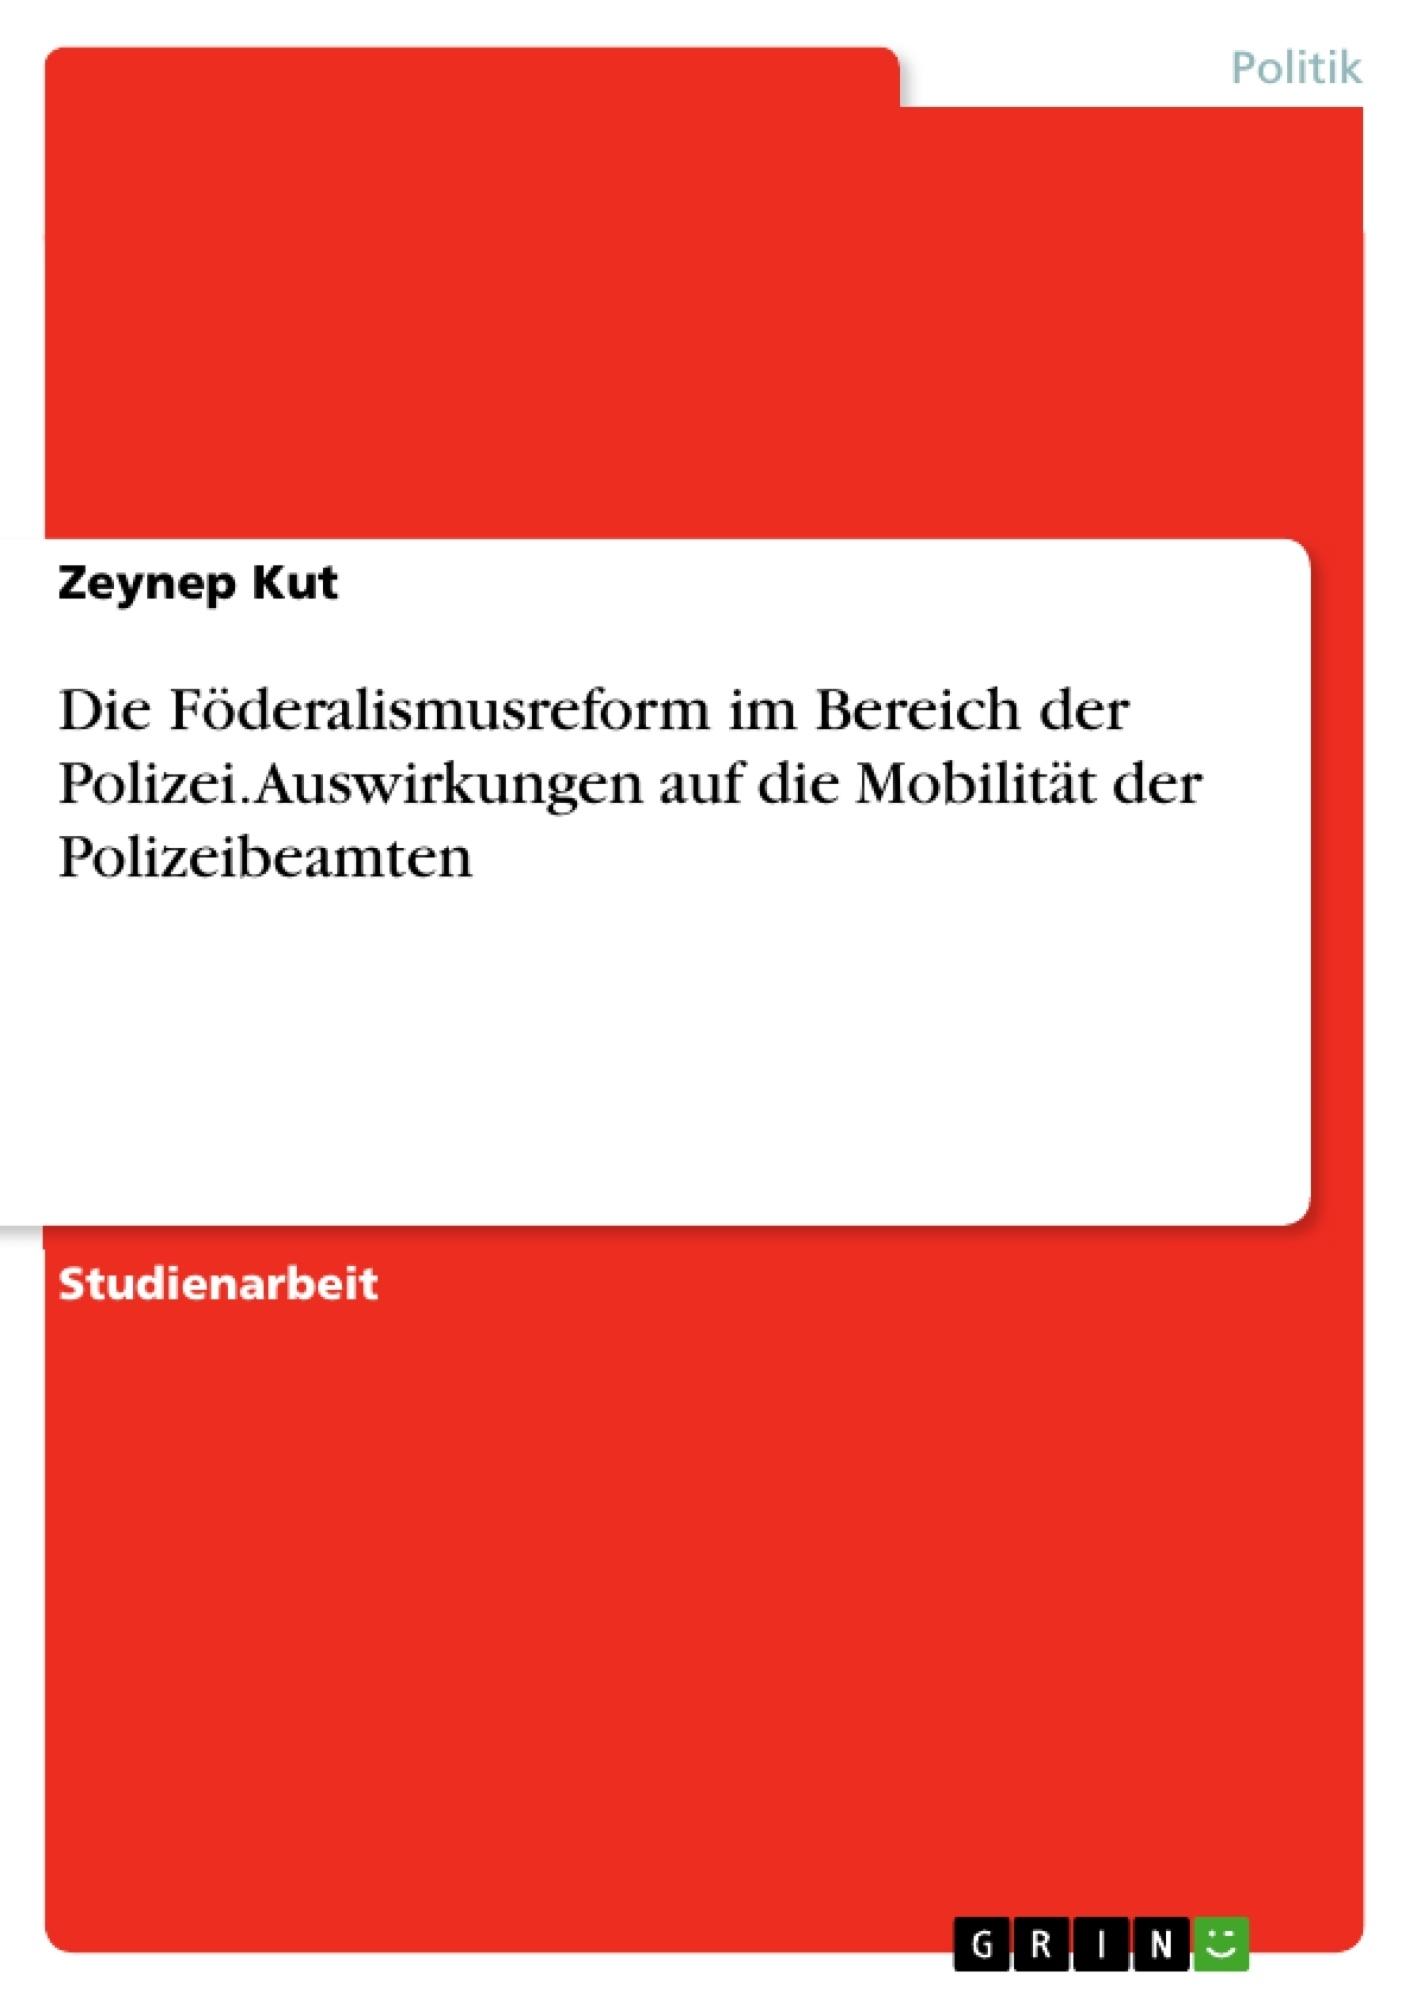 Titel: Die Föderalismusreform im Bereich der Polizei. Auswirkungen auf die Mobilität der Polizeibeamten